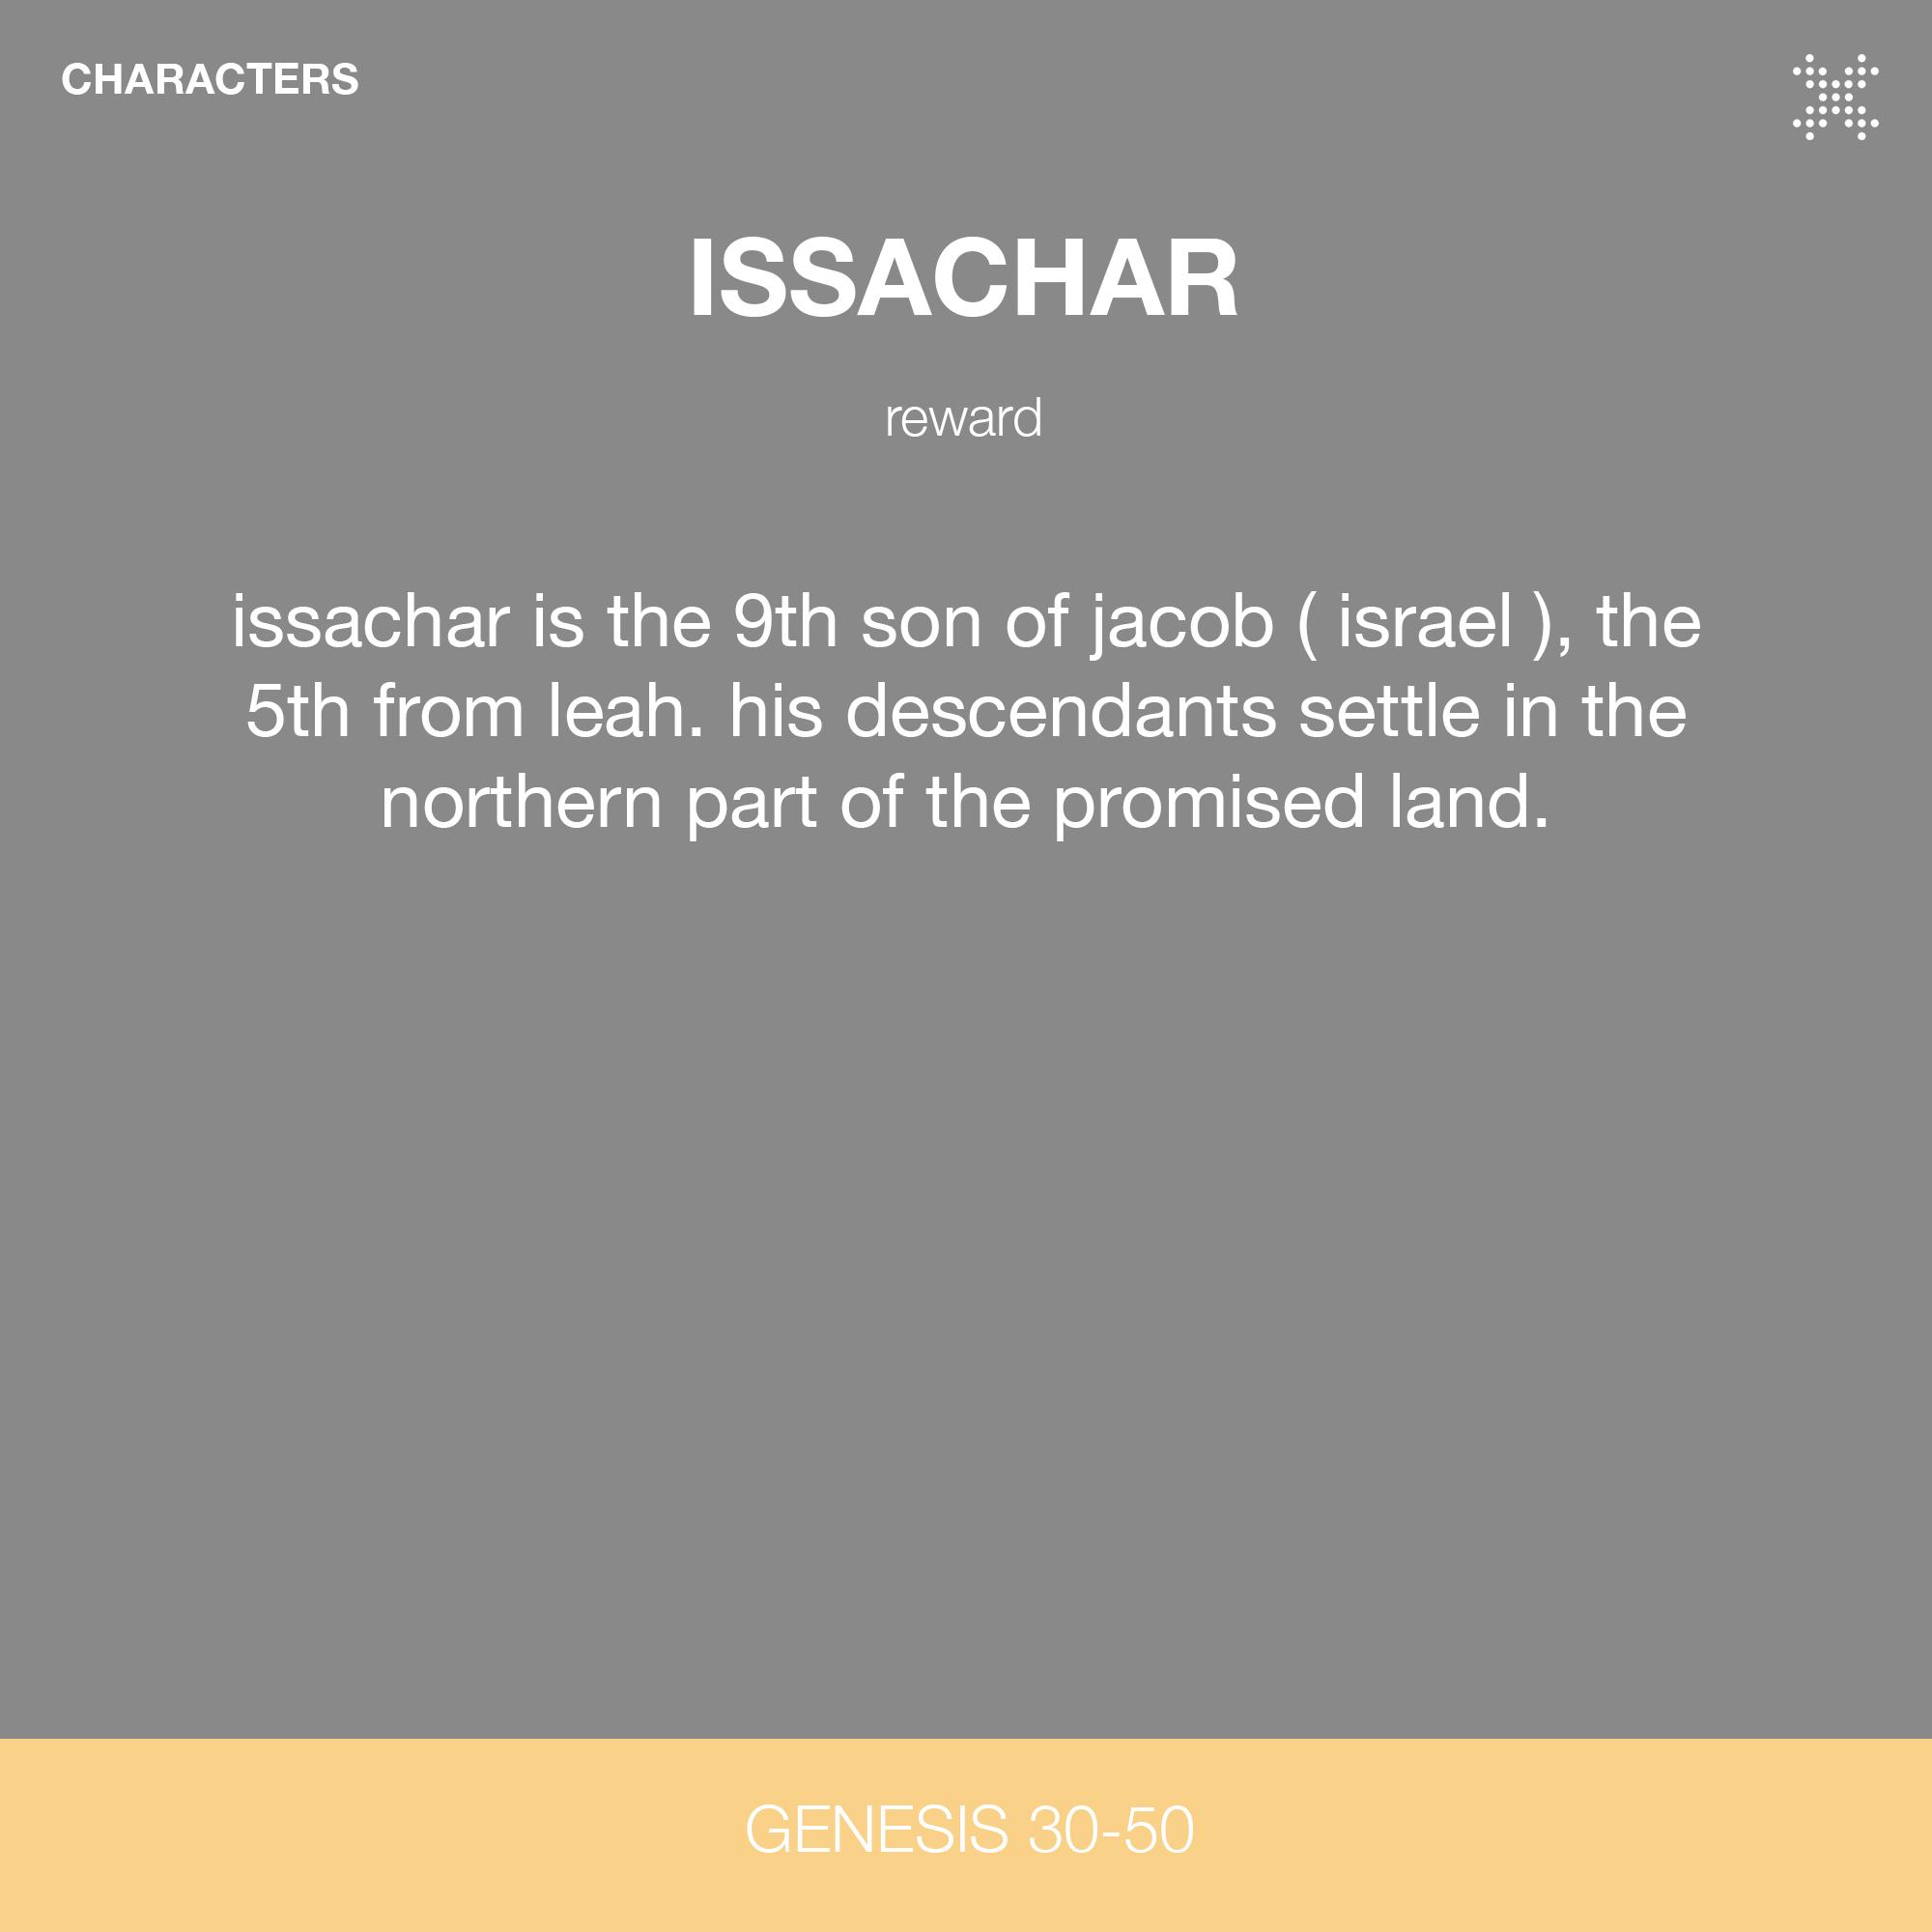 issacharwc.jpg